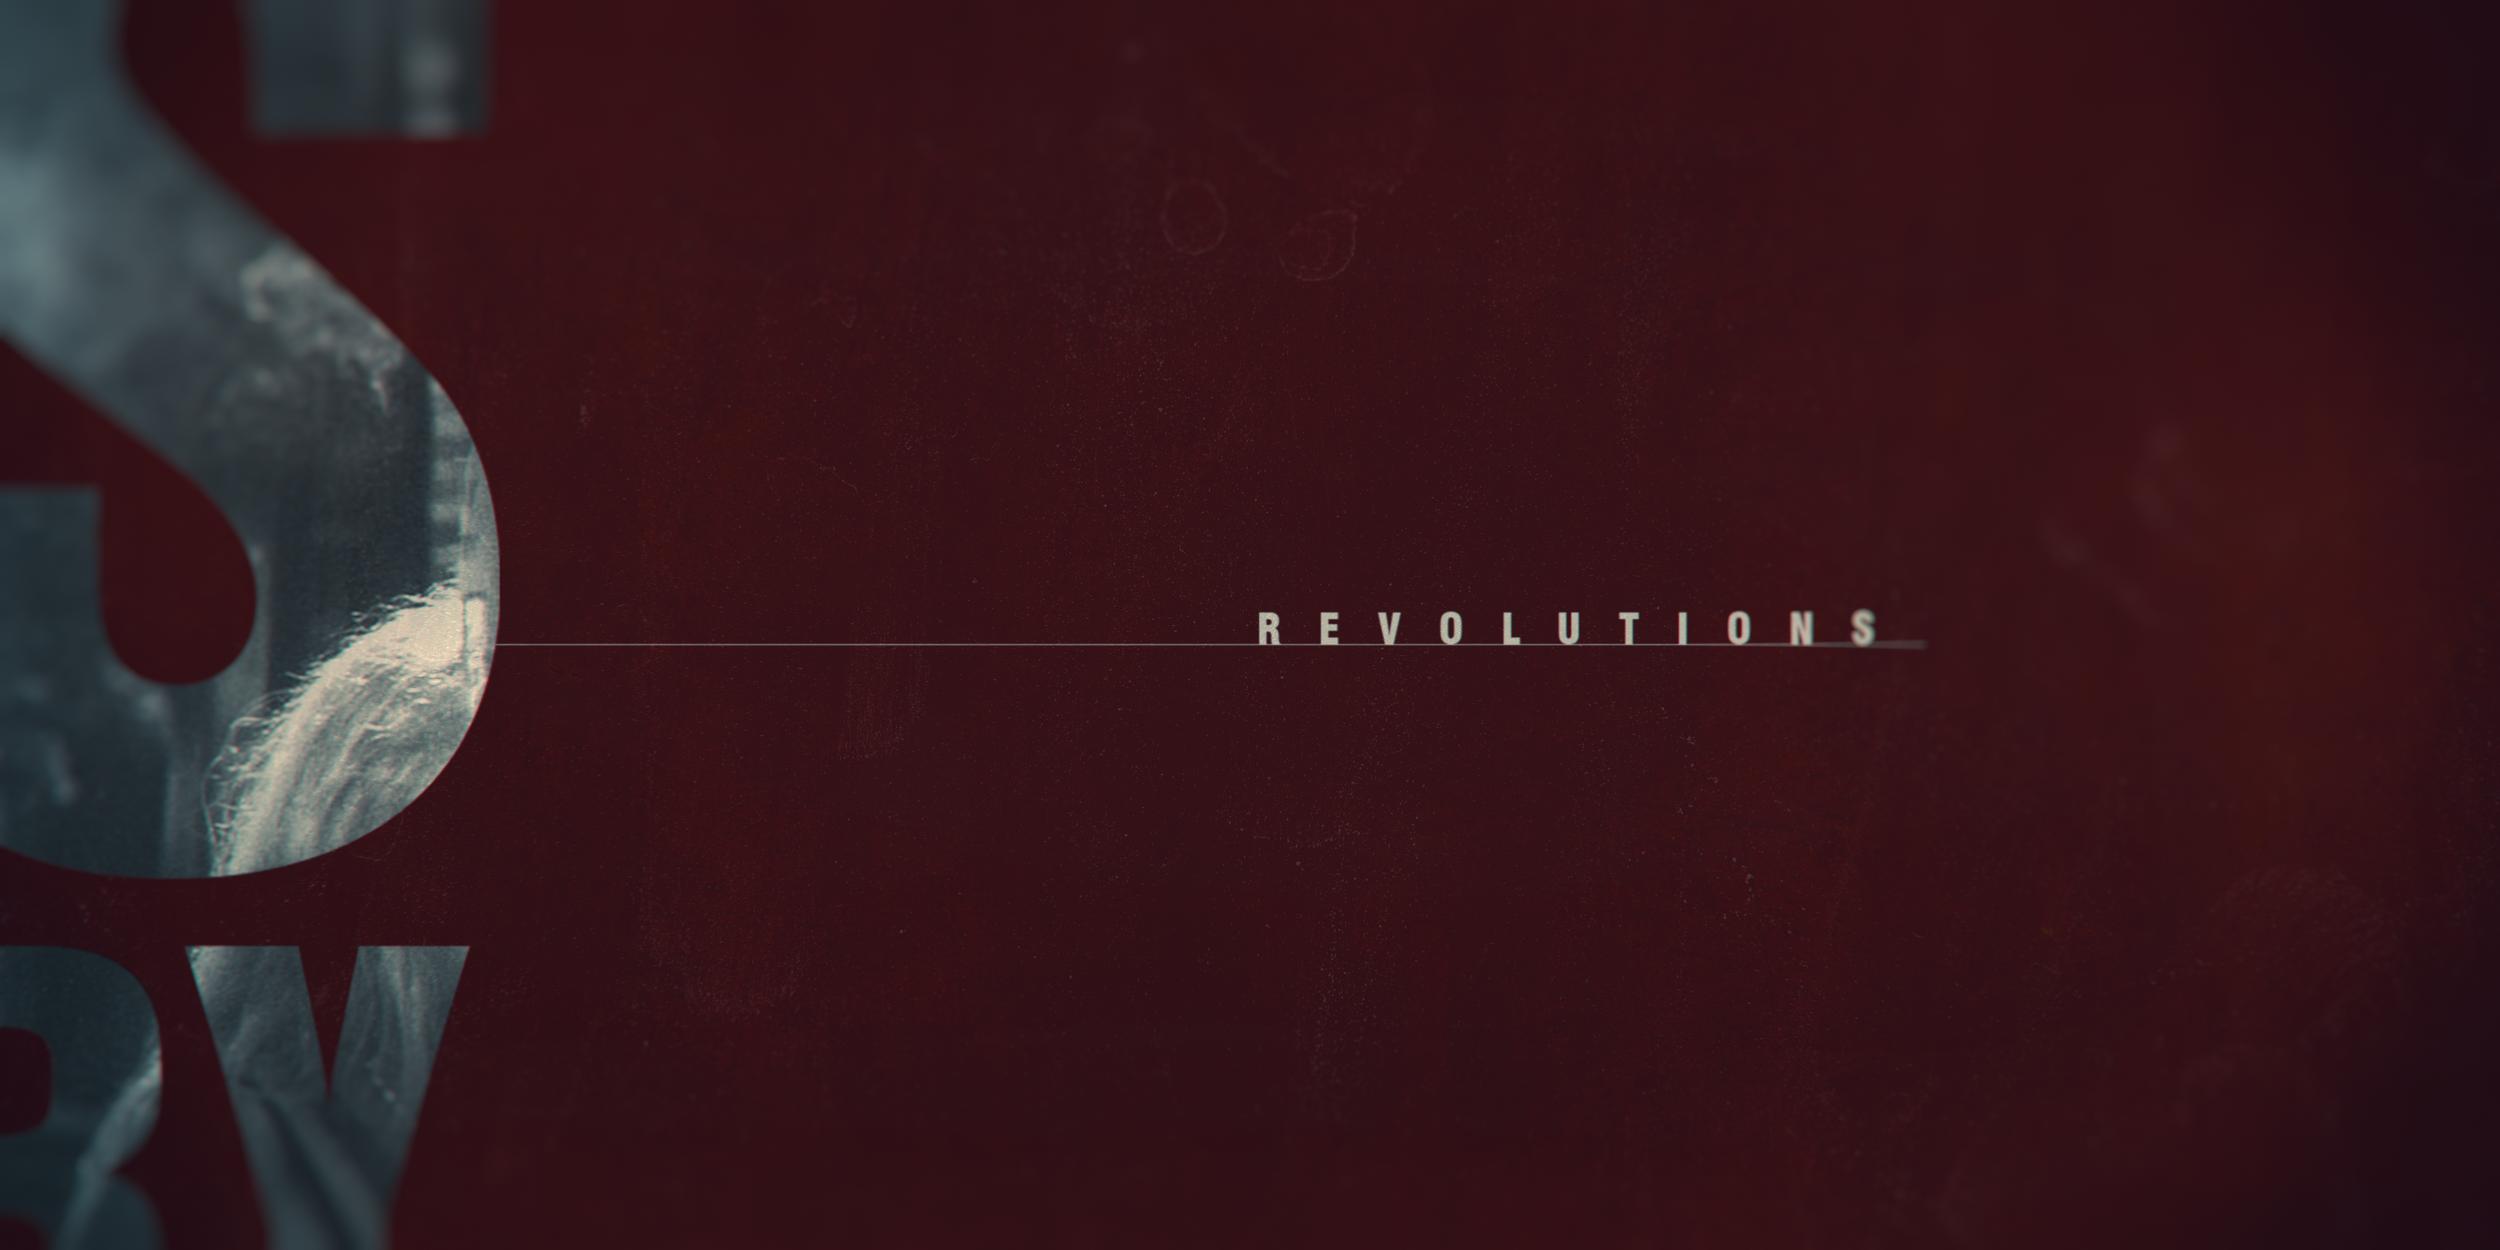 Revolutions_Styleframe02_v3 (0-00-00-00).png